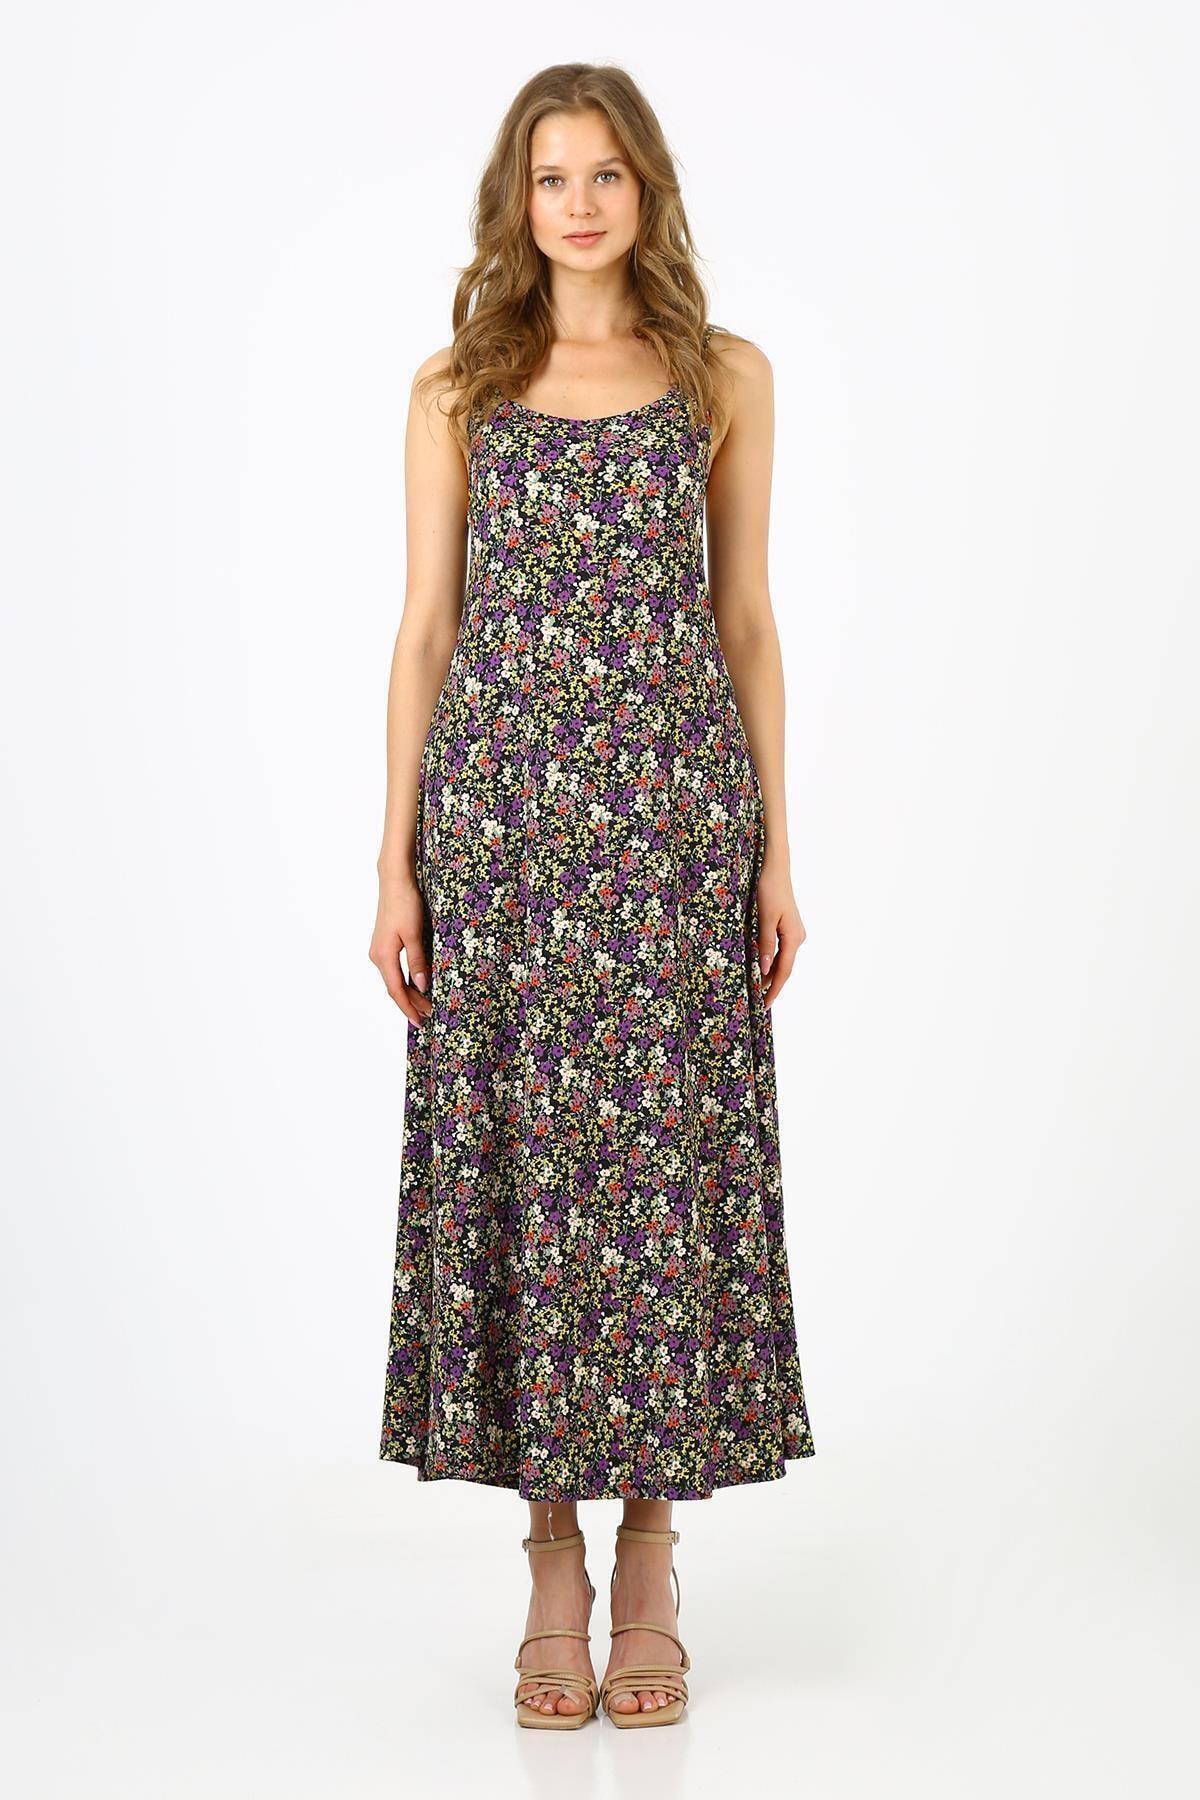 Kadın Mor Çiçekli Askılı Uzun Elbise